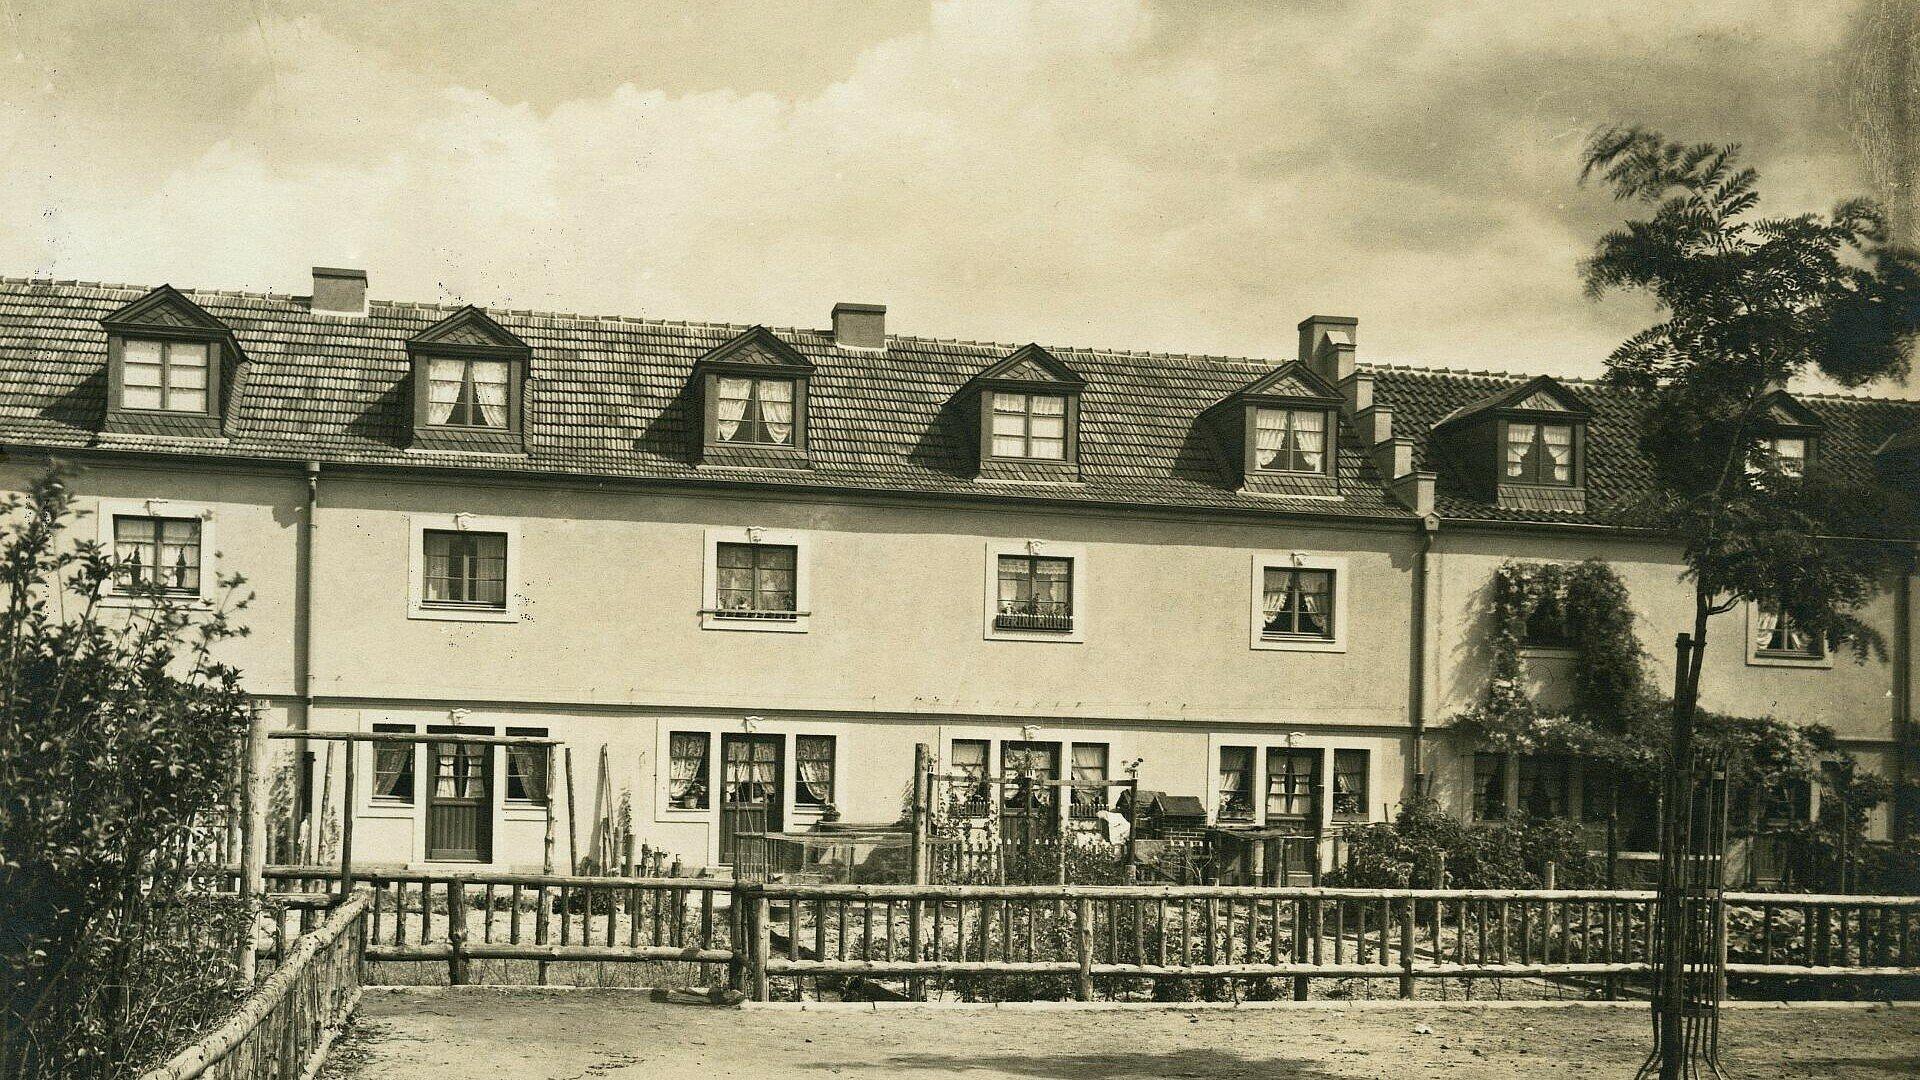 Historisches Foto einer Häuserreihe der Siedlung Bickendorf I in Bickendorf